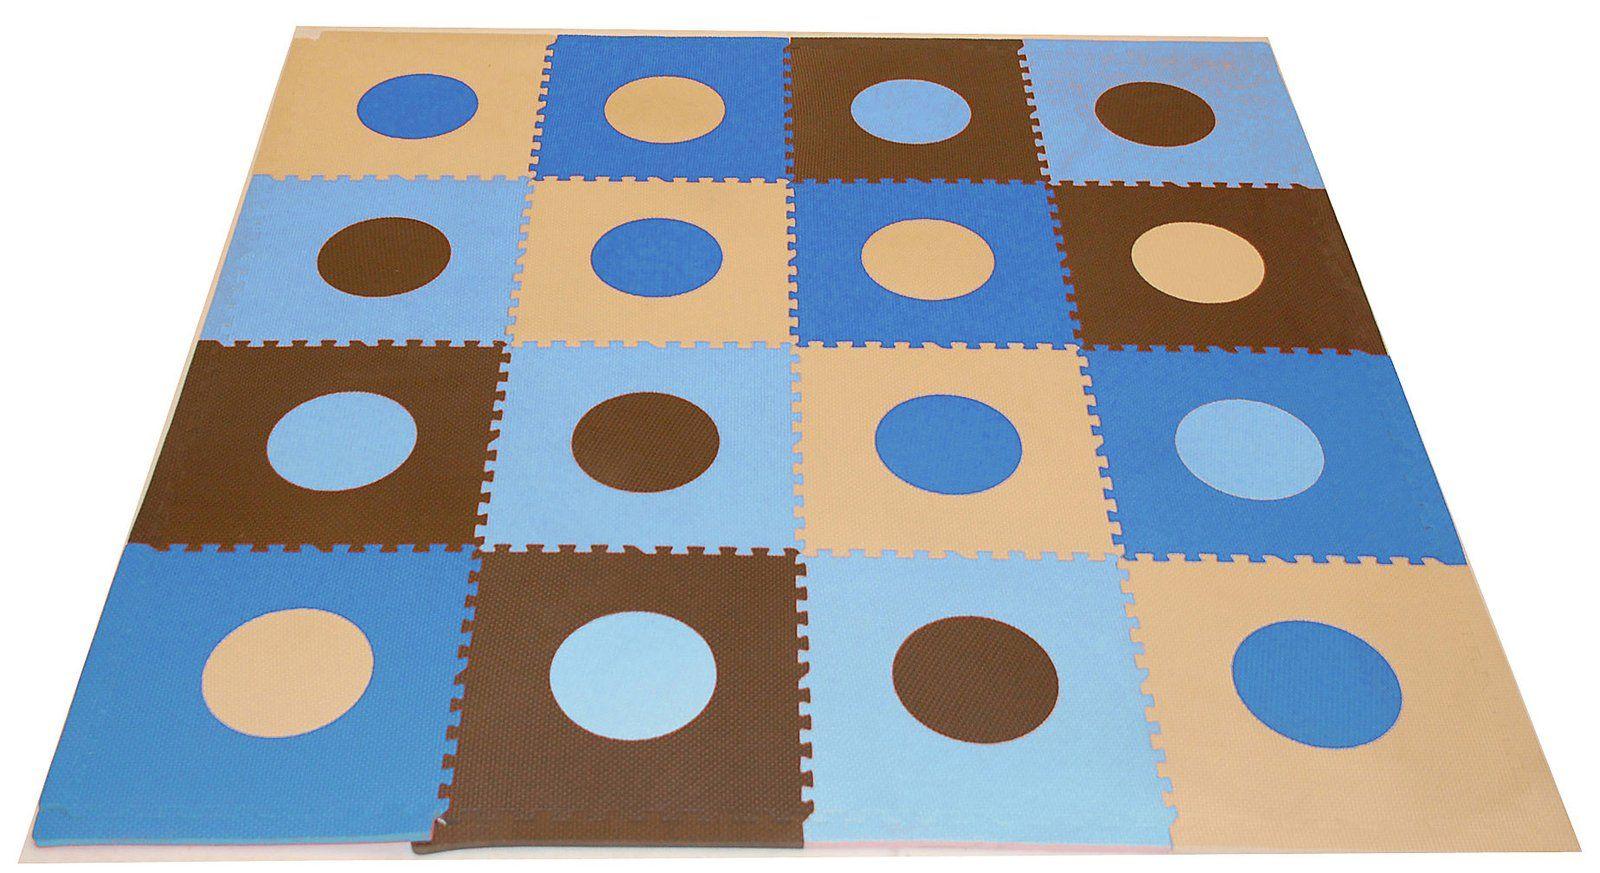 Tadpoles Playmat Set Blue u Brown Best Price Eus Room